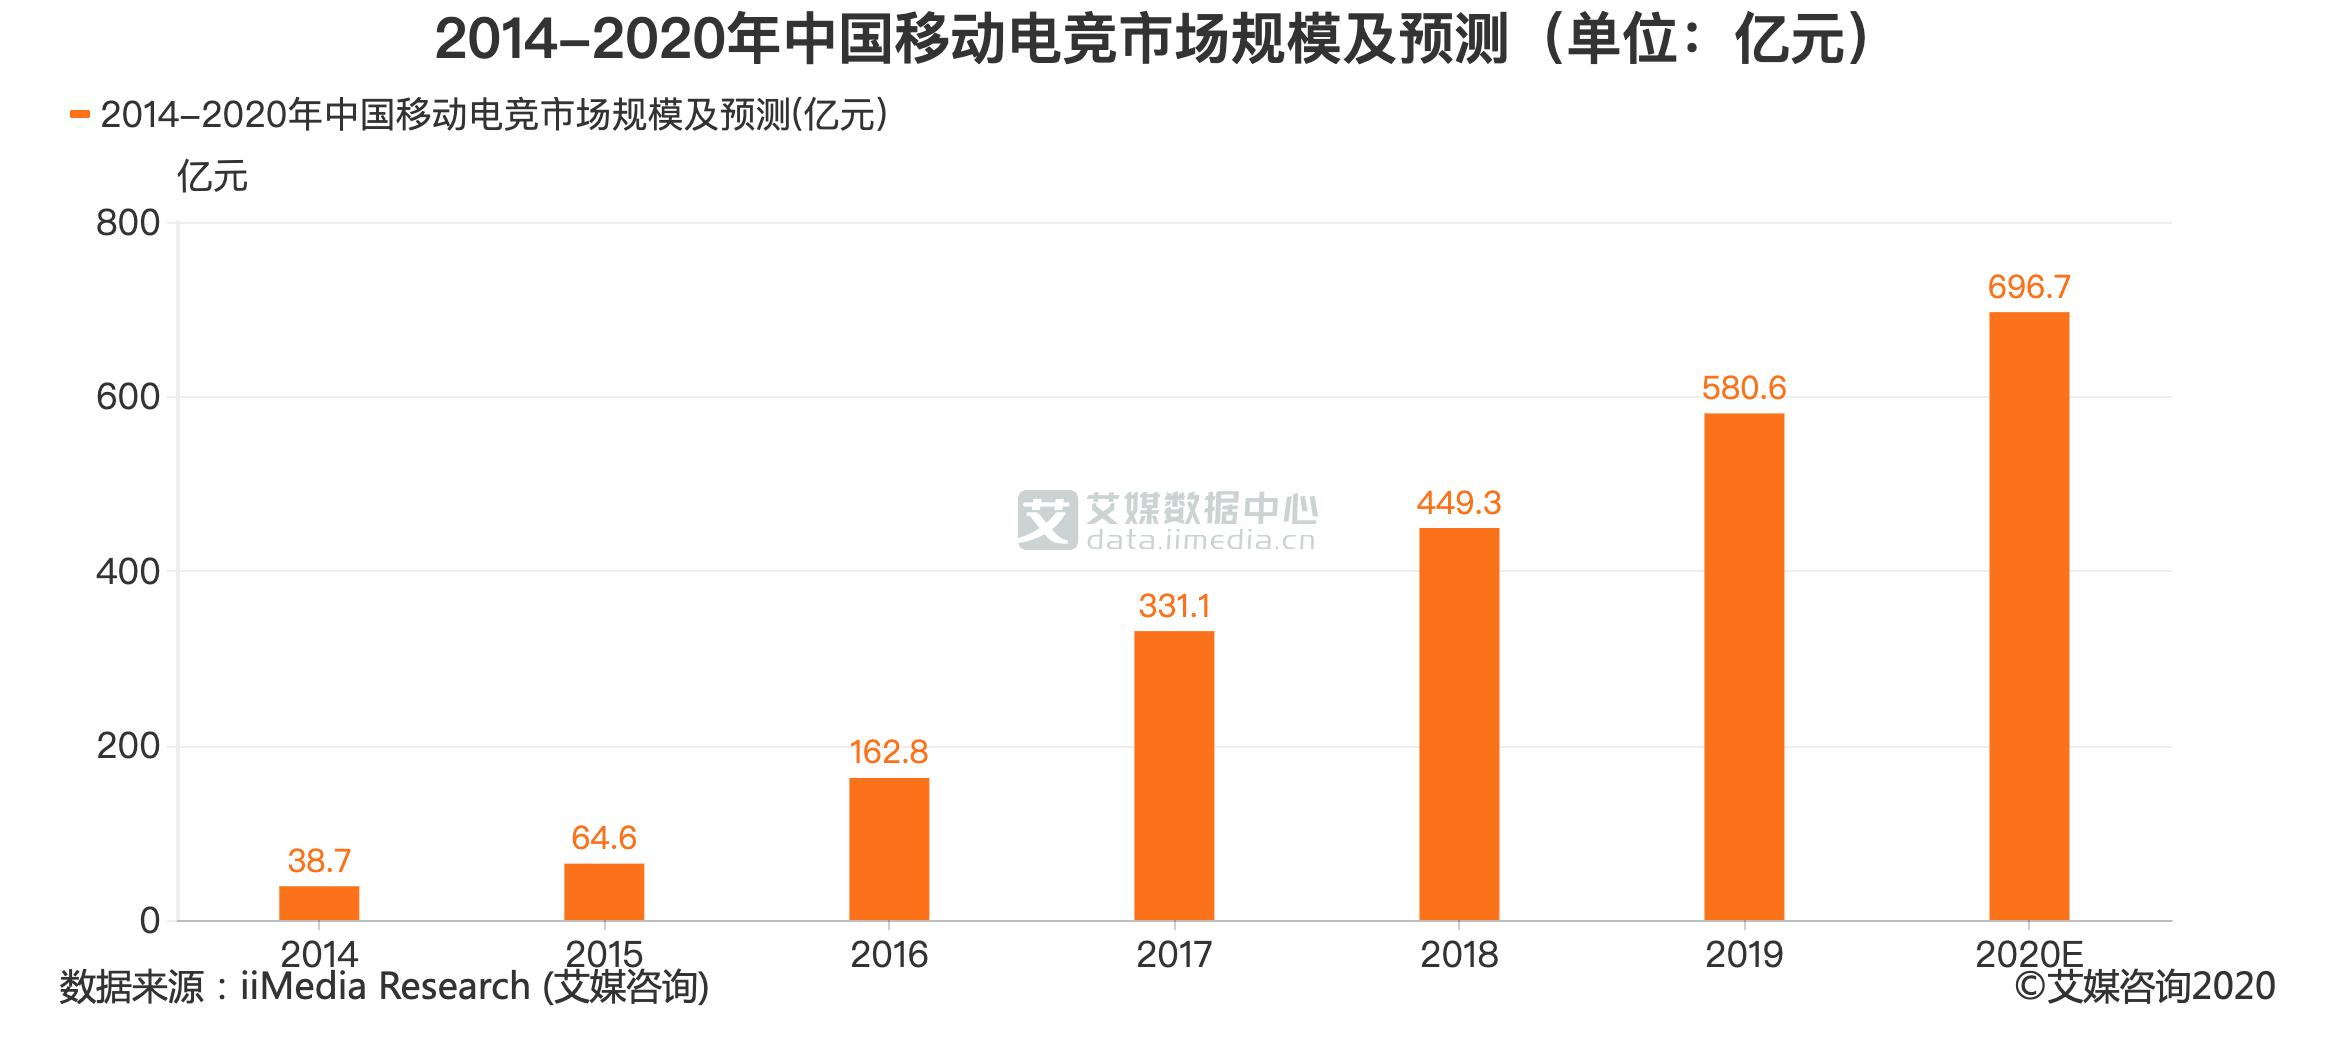 2014-2020年中国移动电竞市场规模及预测(单位:亿元)